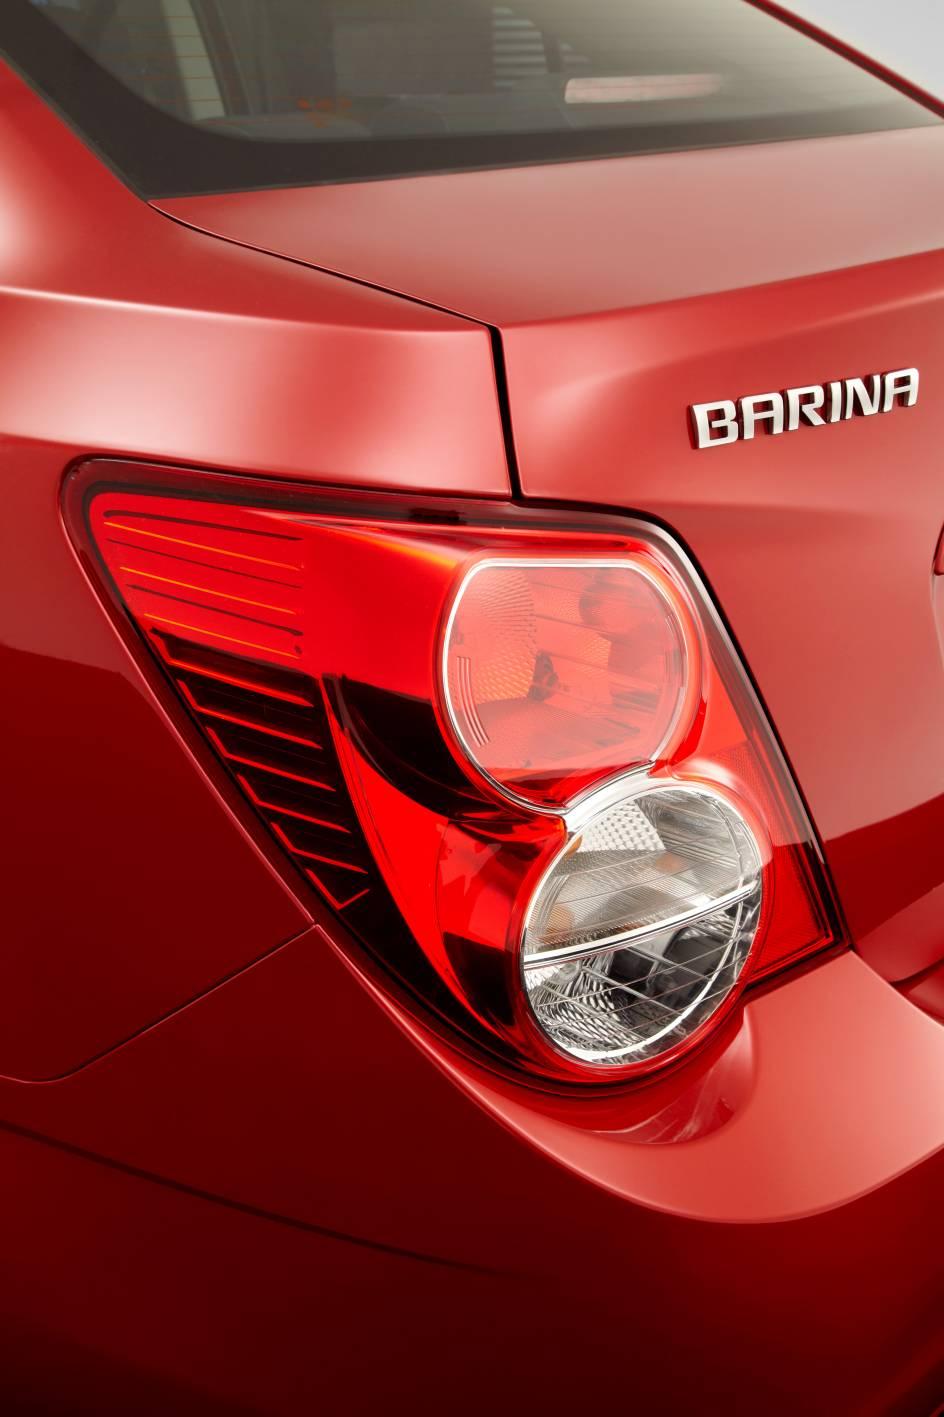 2012_holden_barina_sedan_03